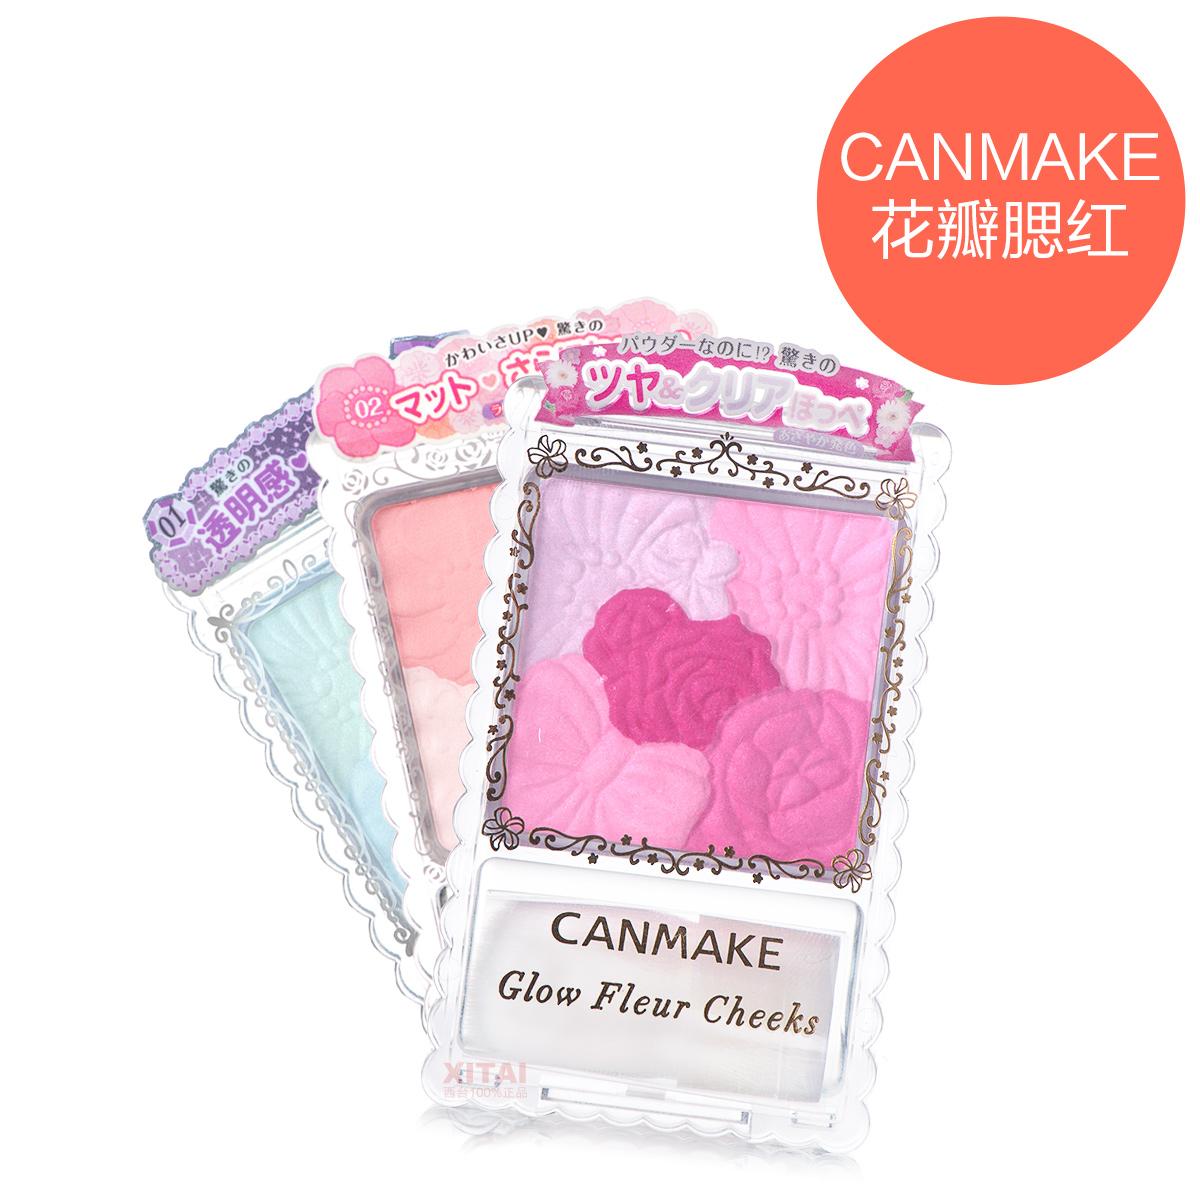 日本Canmake井田五色花瓣雕刻腮红 珠光哑光高光修容粉显色带刷子